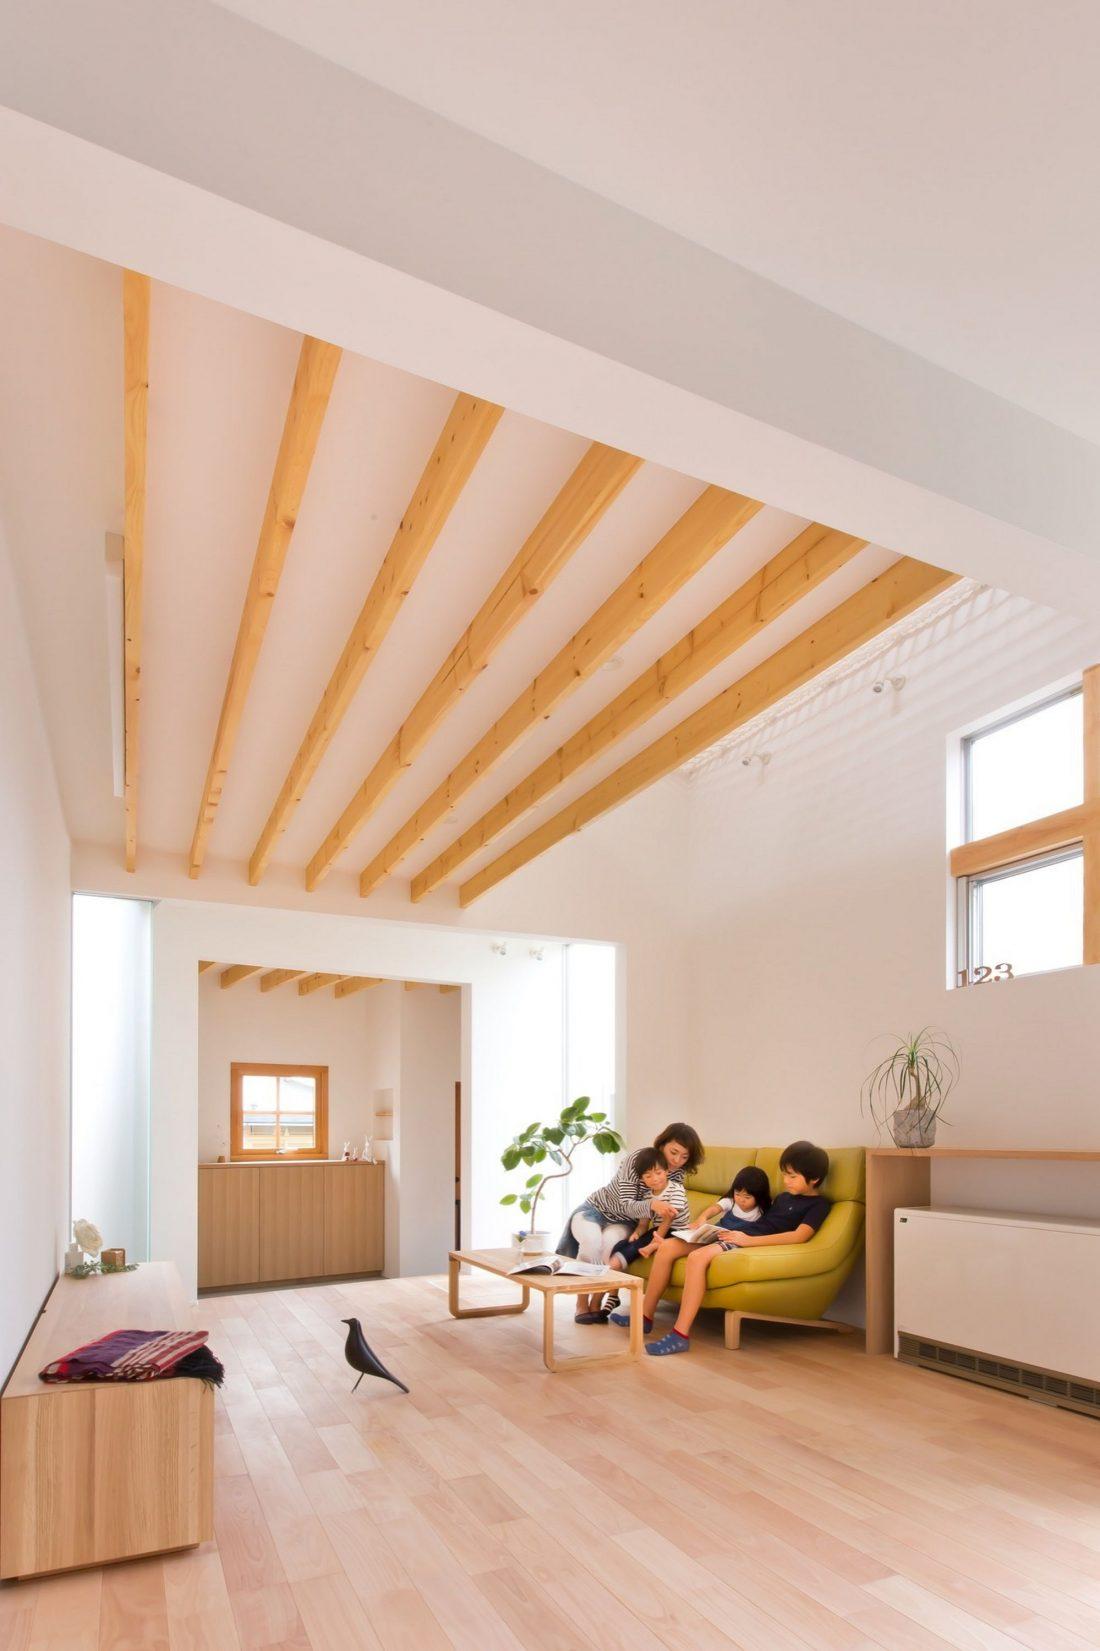 dom-v-stile-yaponskogo-minimalizma-v-kioto-proekt-alts-design-office-1